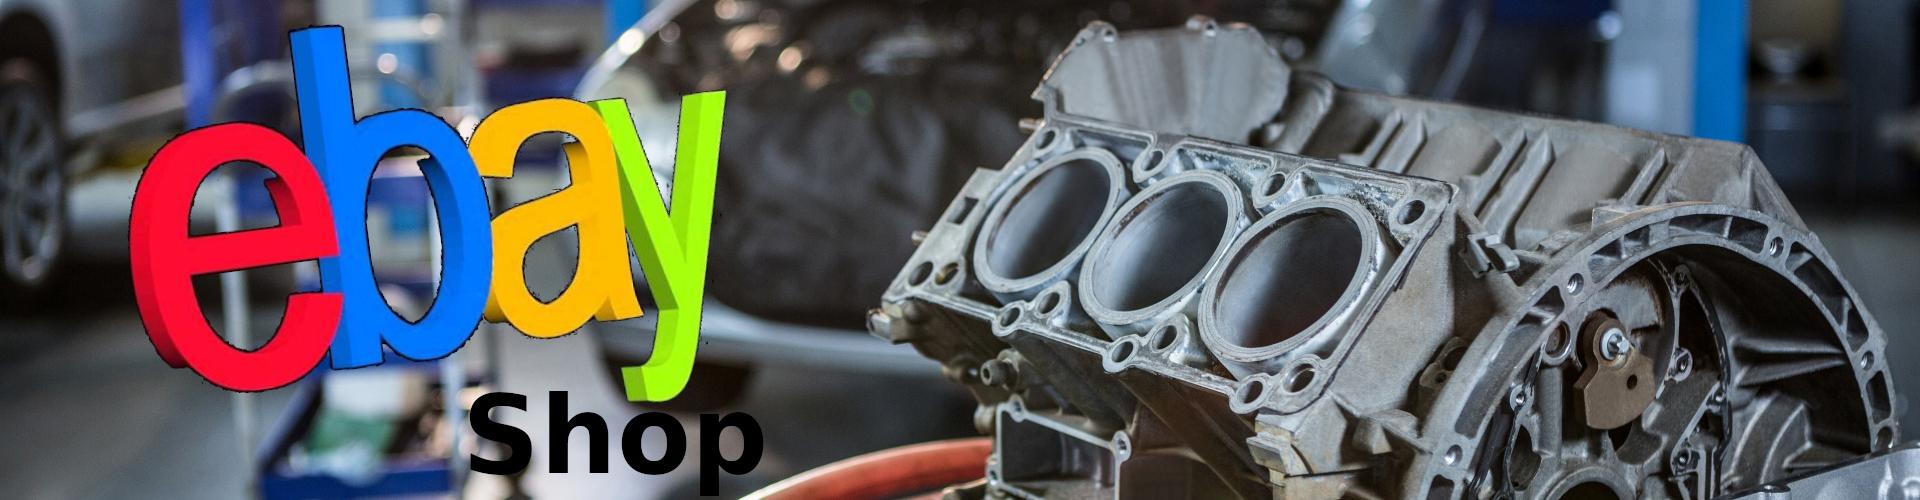 Getriebe und Motoren Stützpunkt